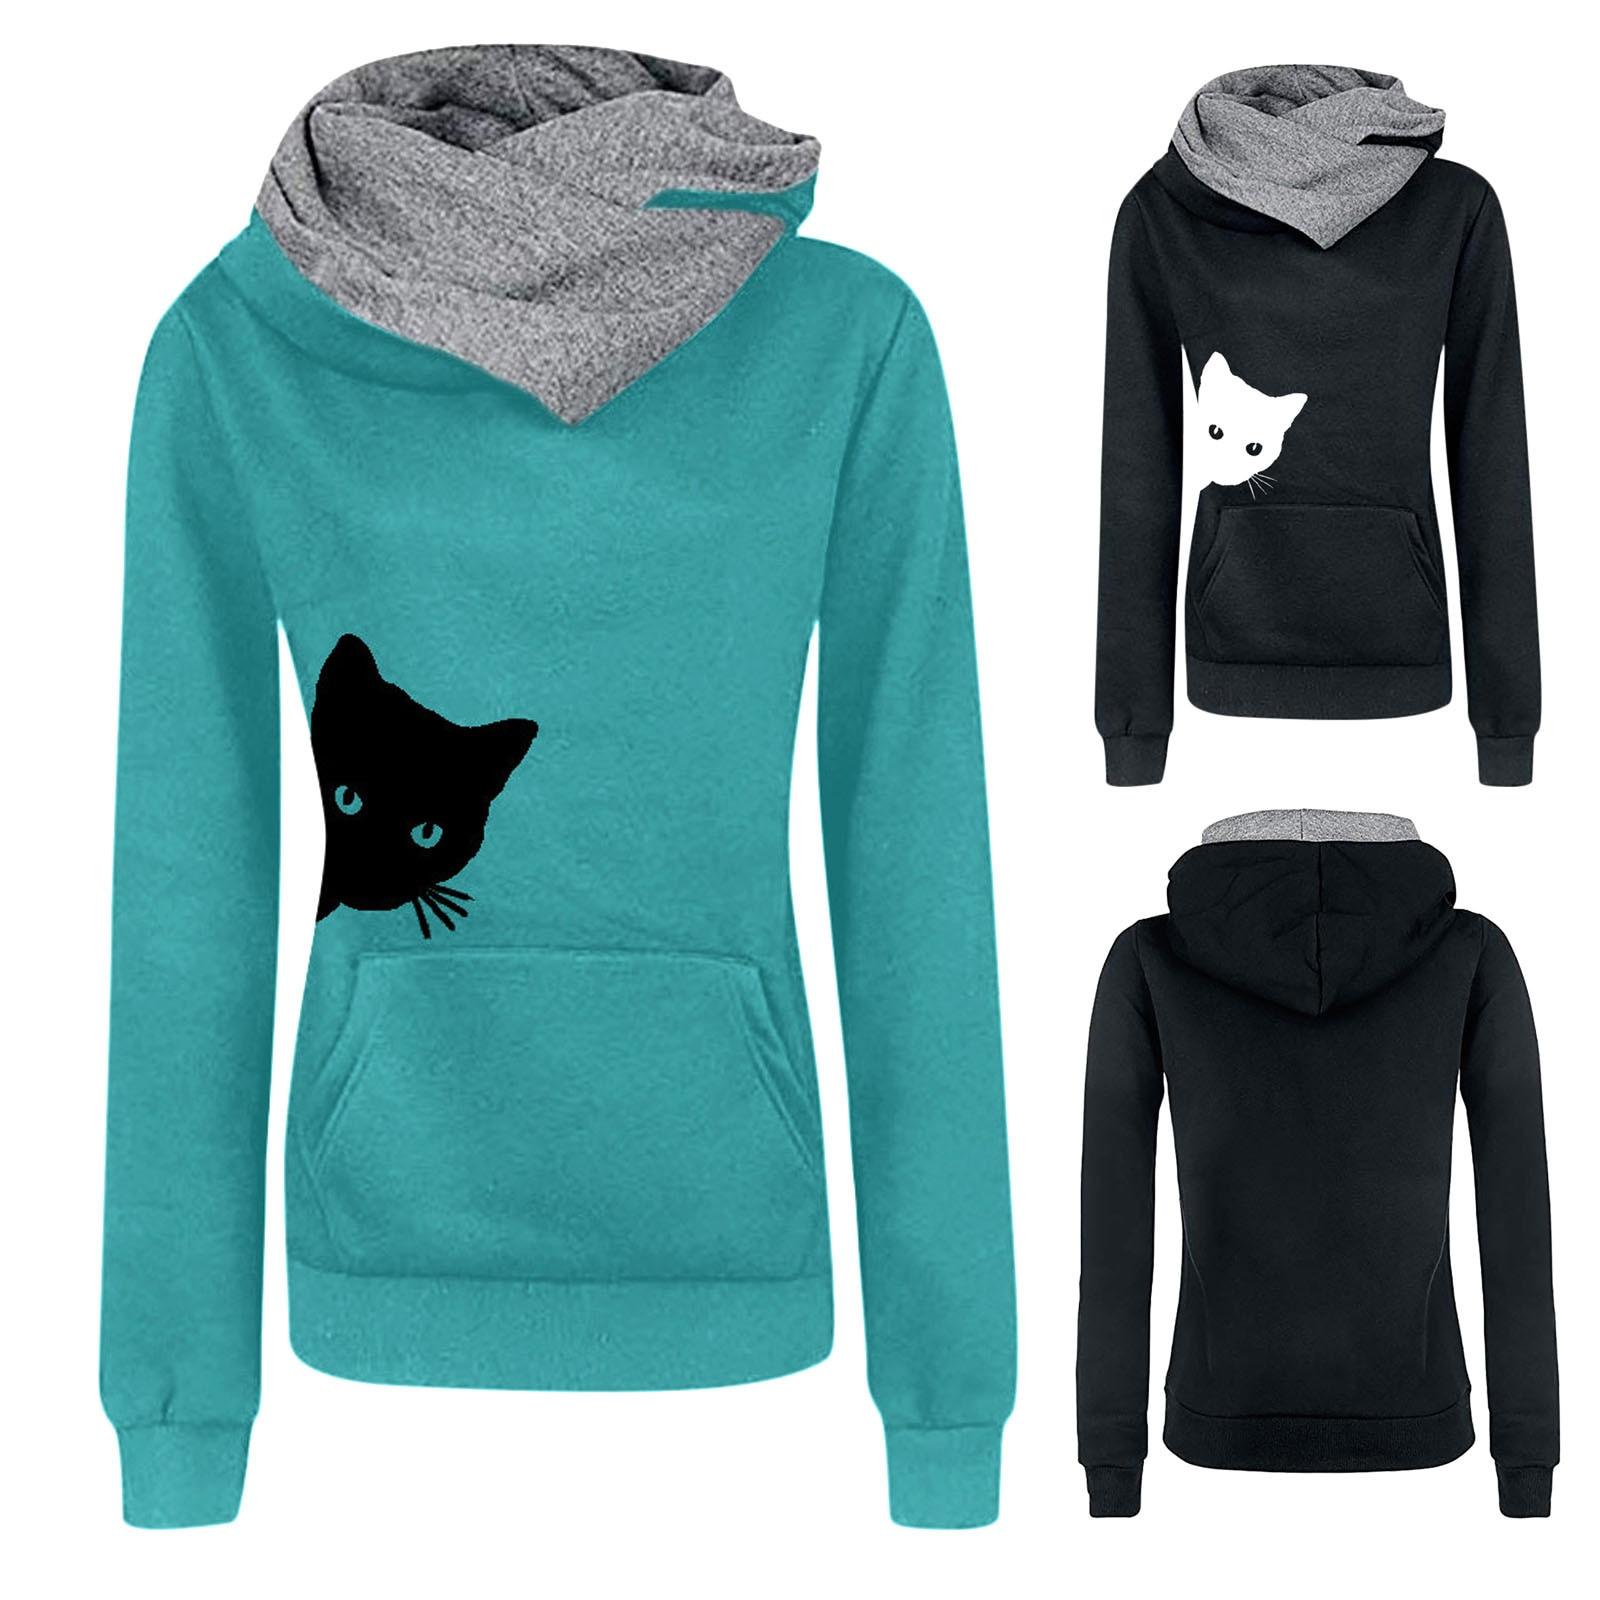 Sudadera con capucha de manga corta para mujer, con estampado de gato,...